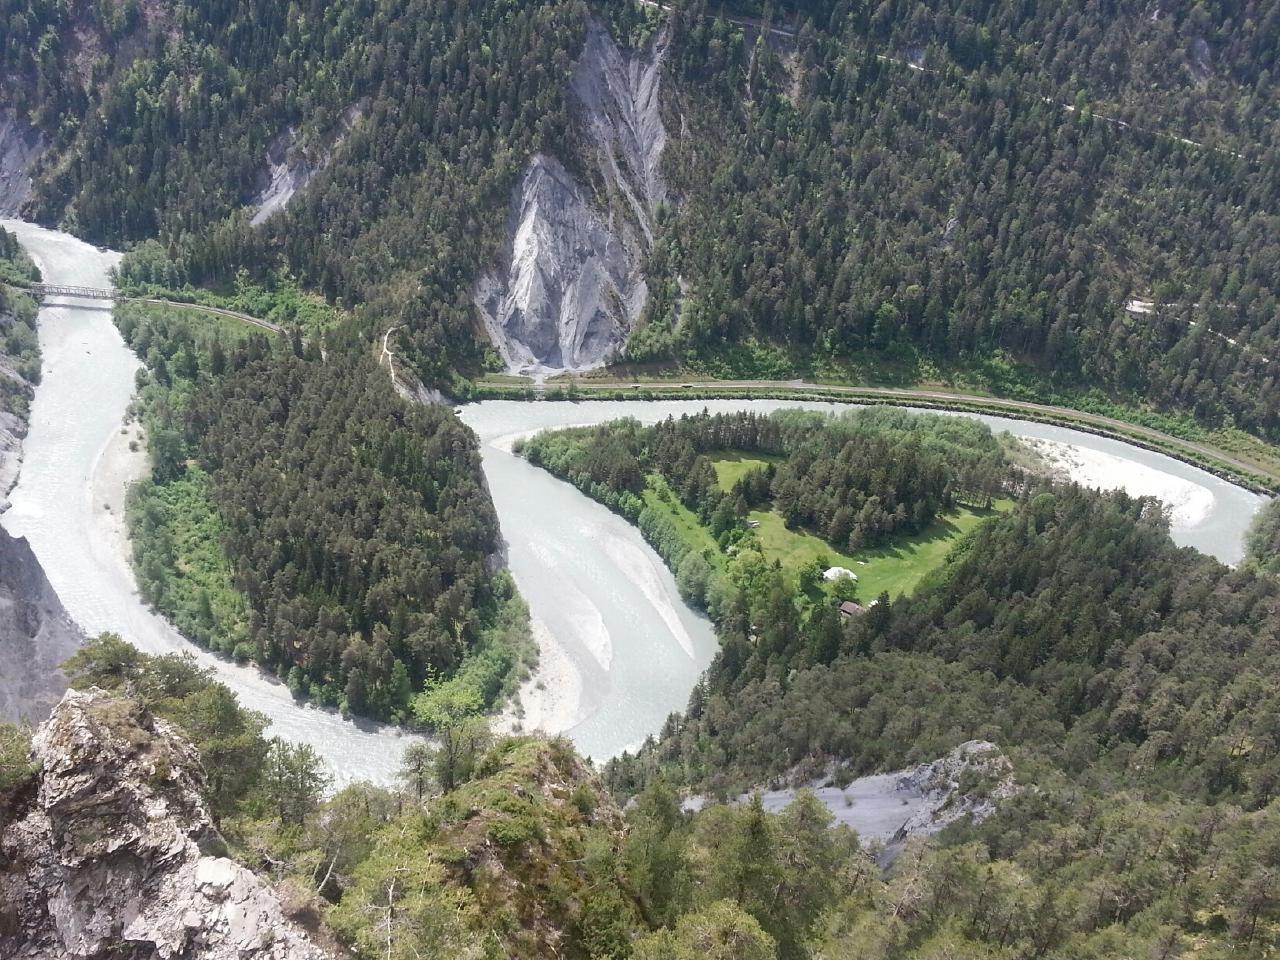 Ferienwohnung Seeblick Fraissen (1146940), Laax, Flims - Laax - Falera, Graubünden, Schweiz, Bild 17